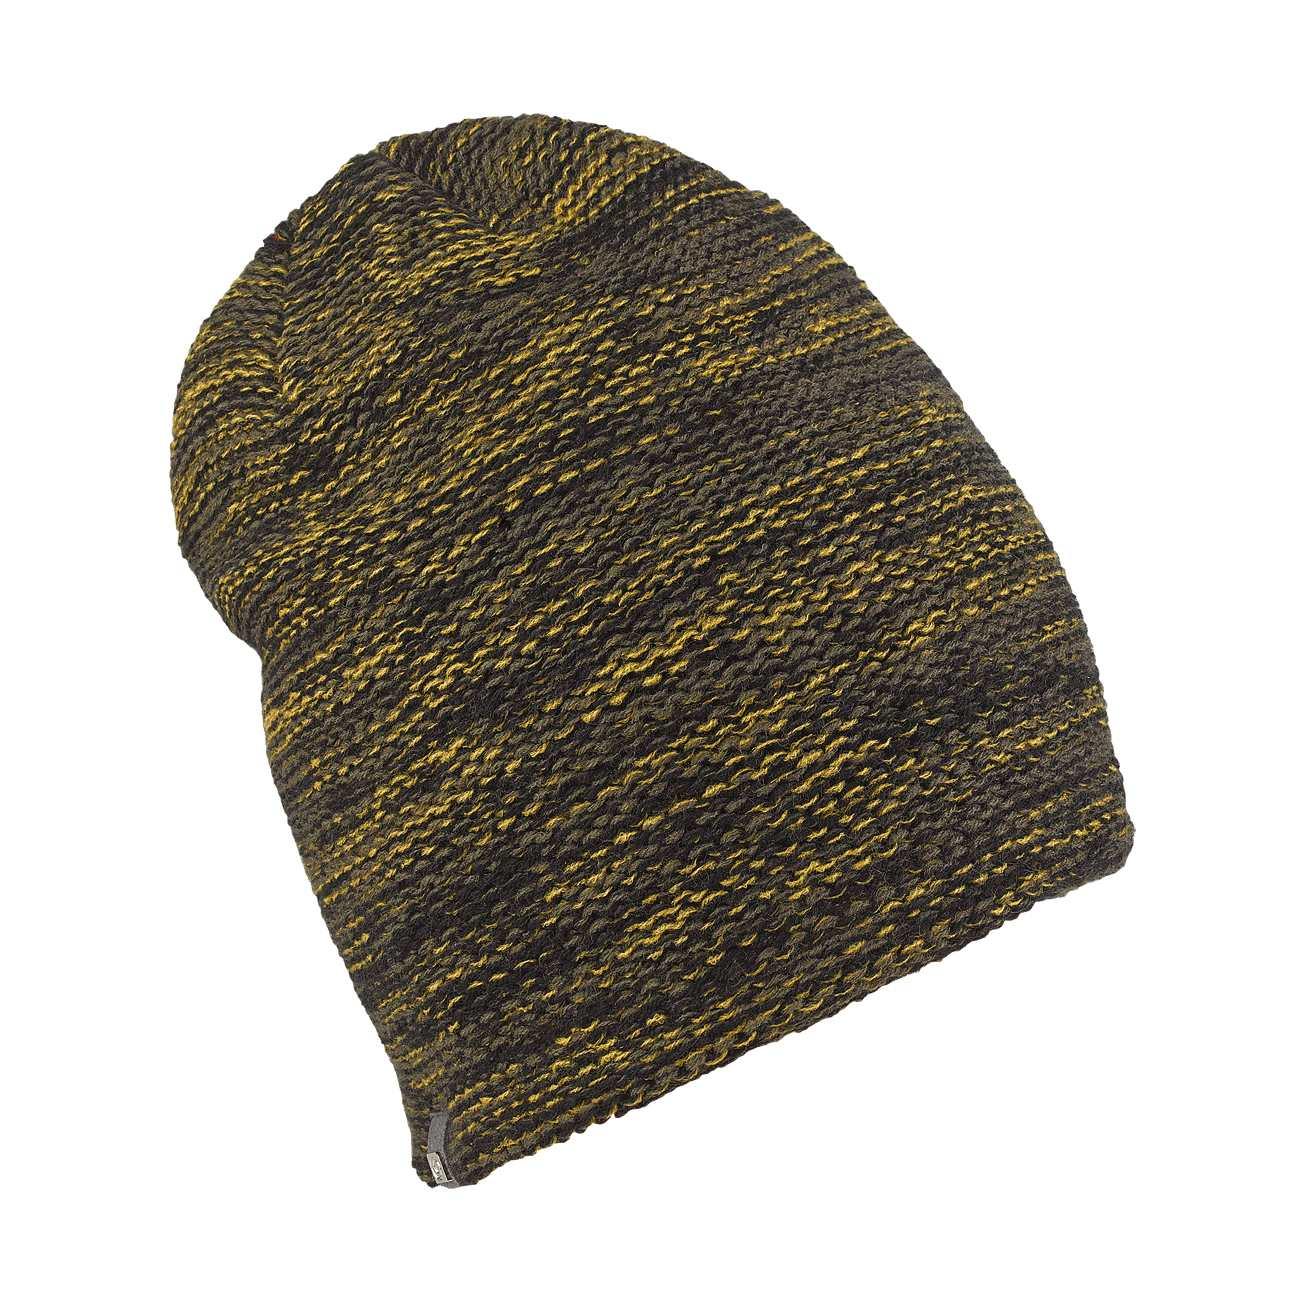 Black Elegant Oversized Beanie - Long Hat 96409e65d77